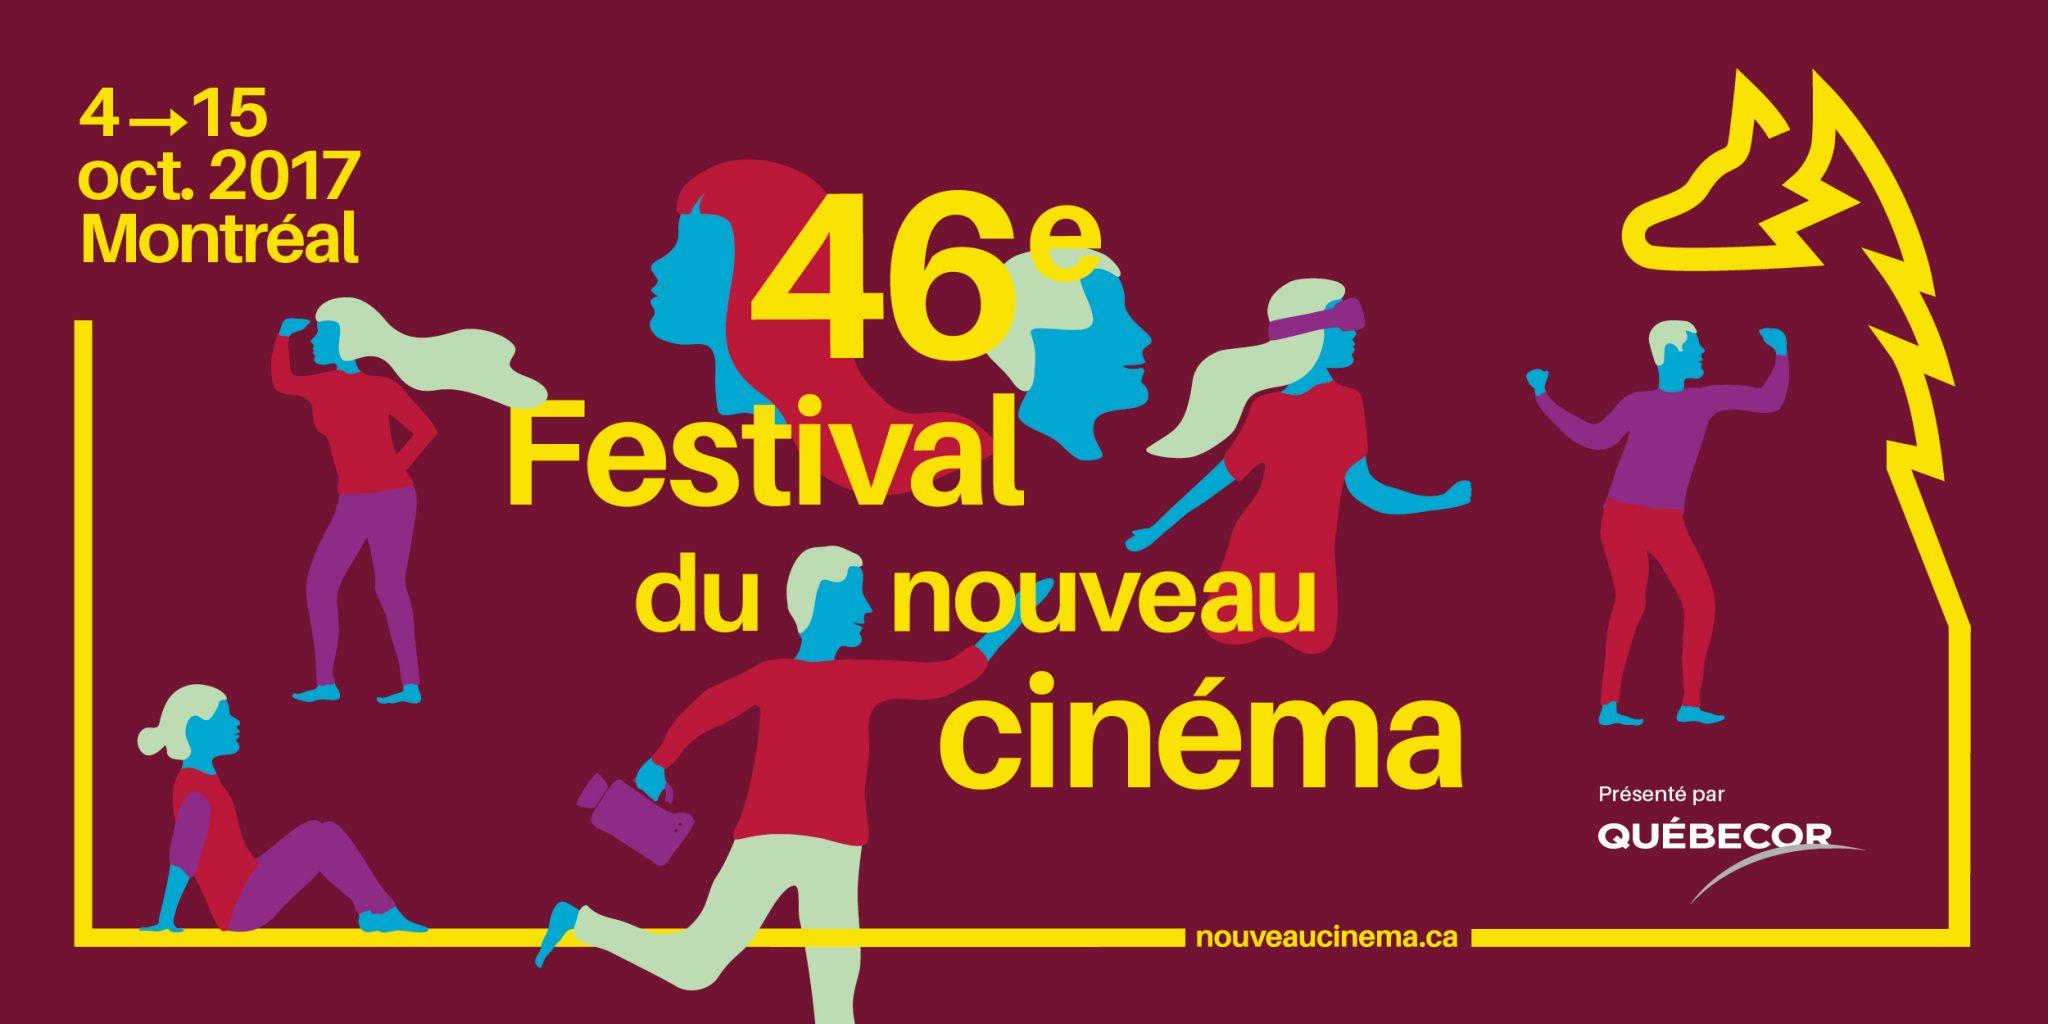 Les sections FNC Explore et FNC Forum du 46e Festival du nouveau cinéma